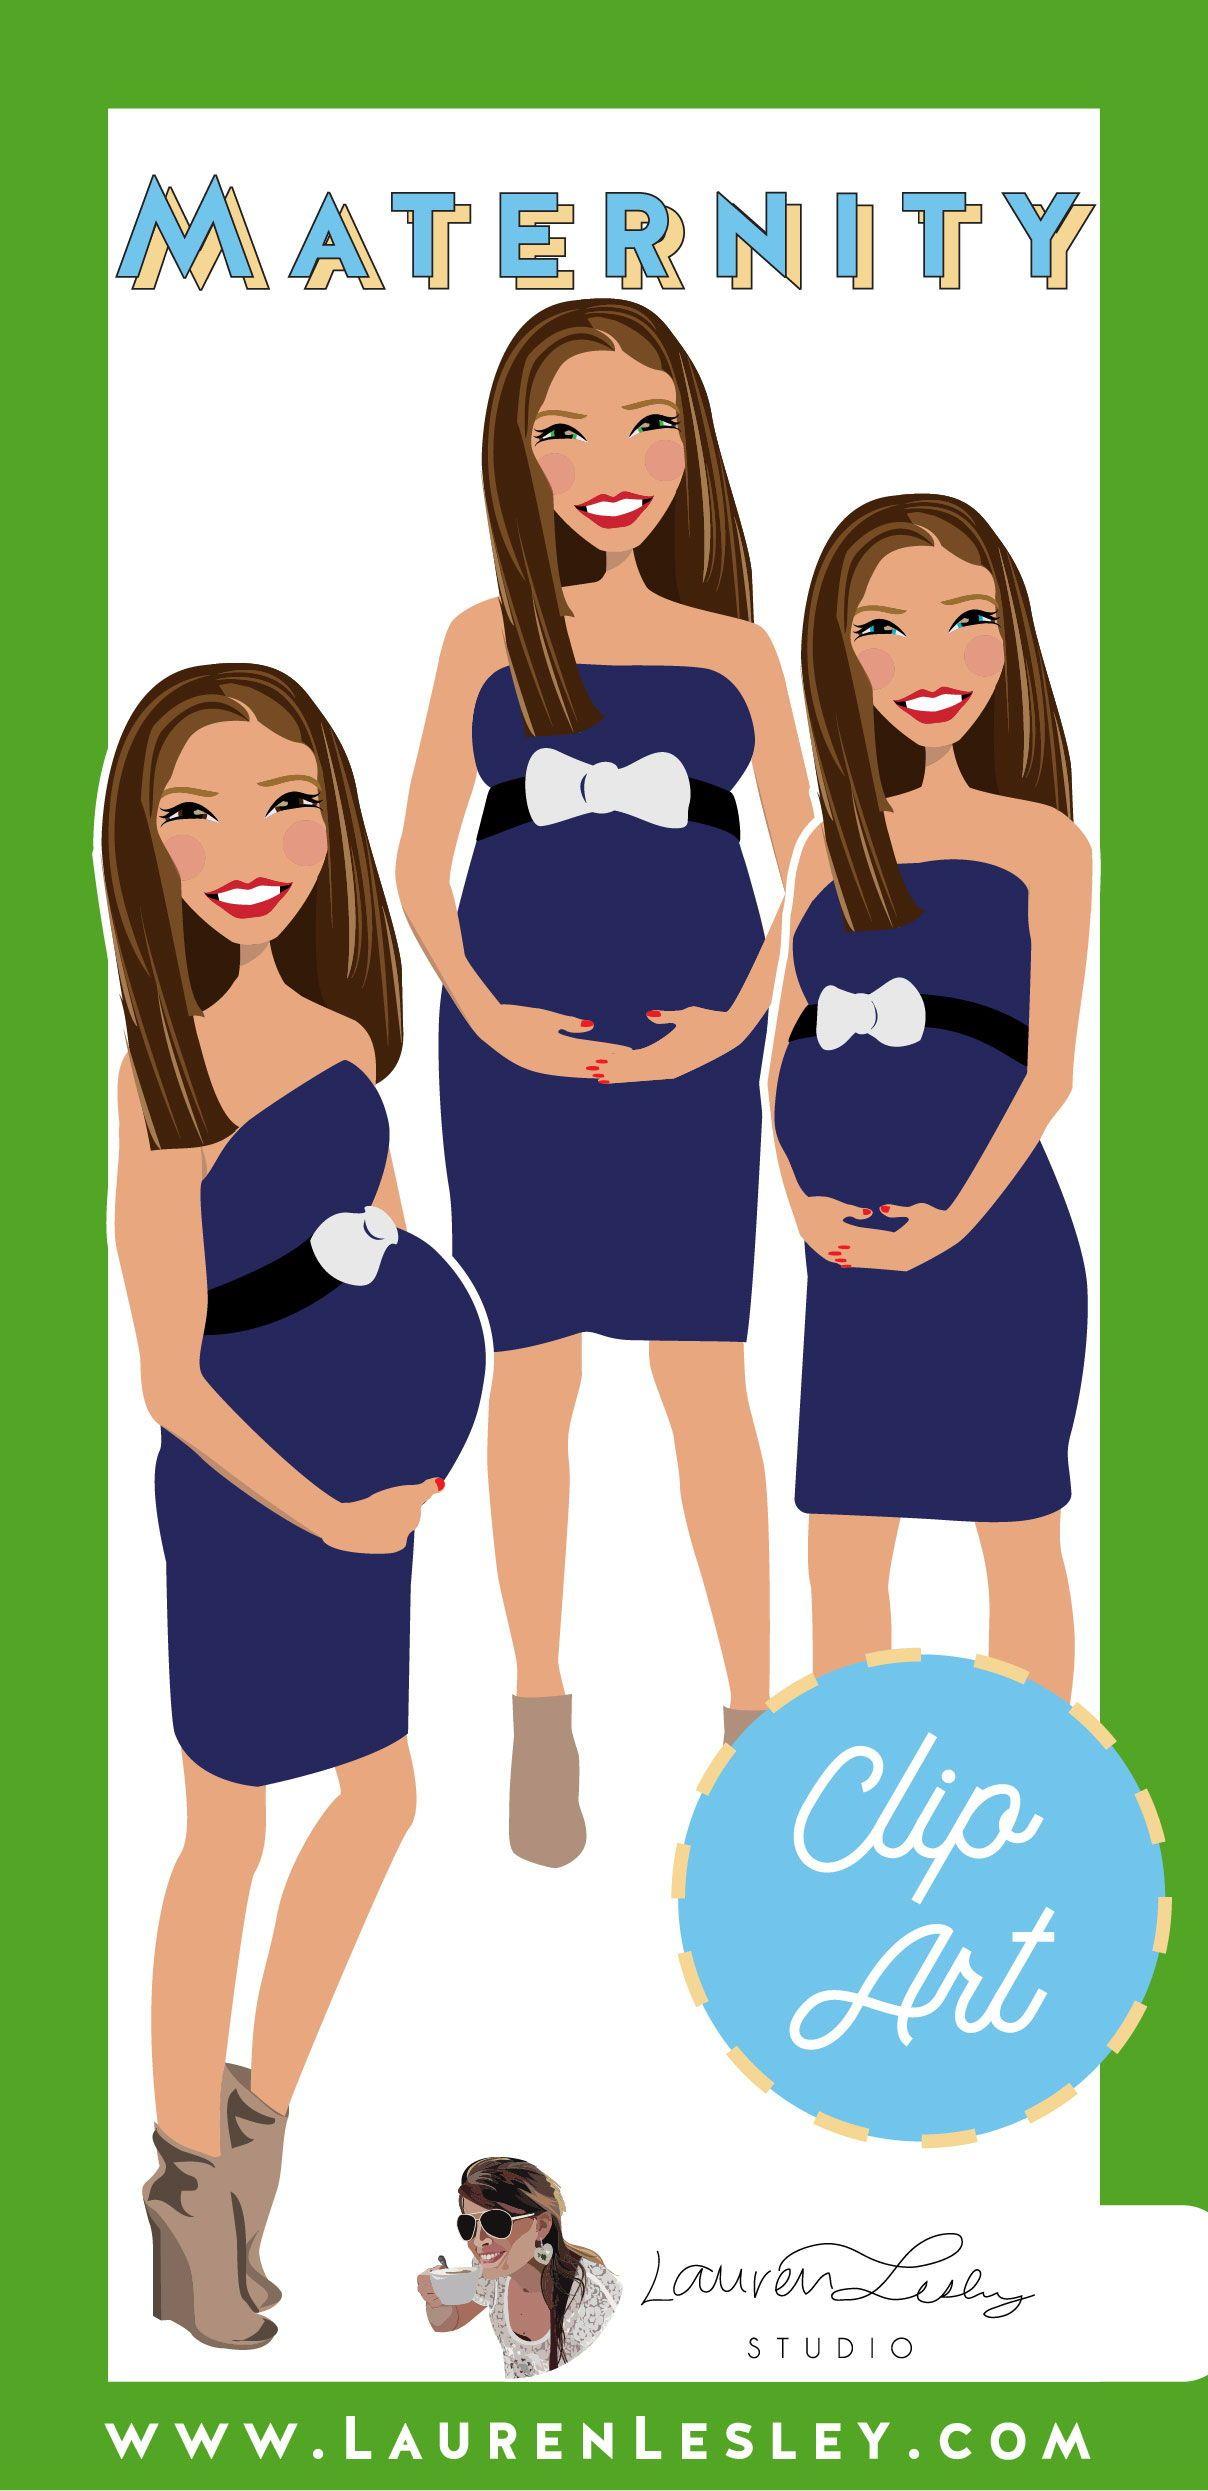 Maternity Clip Art Usagi Clip art, Maternity